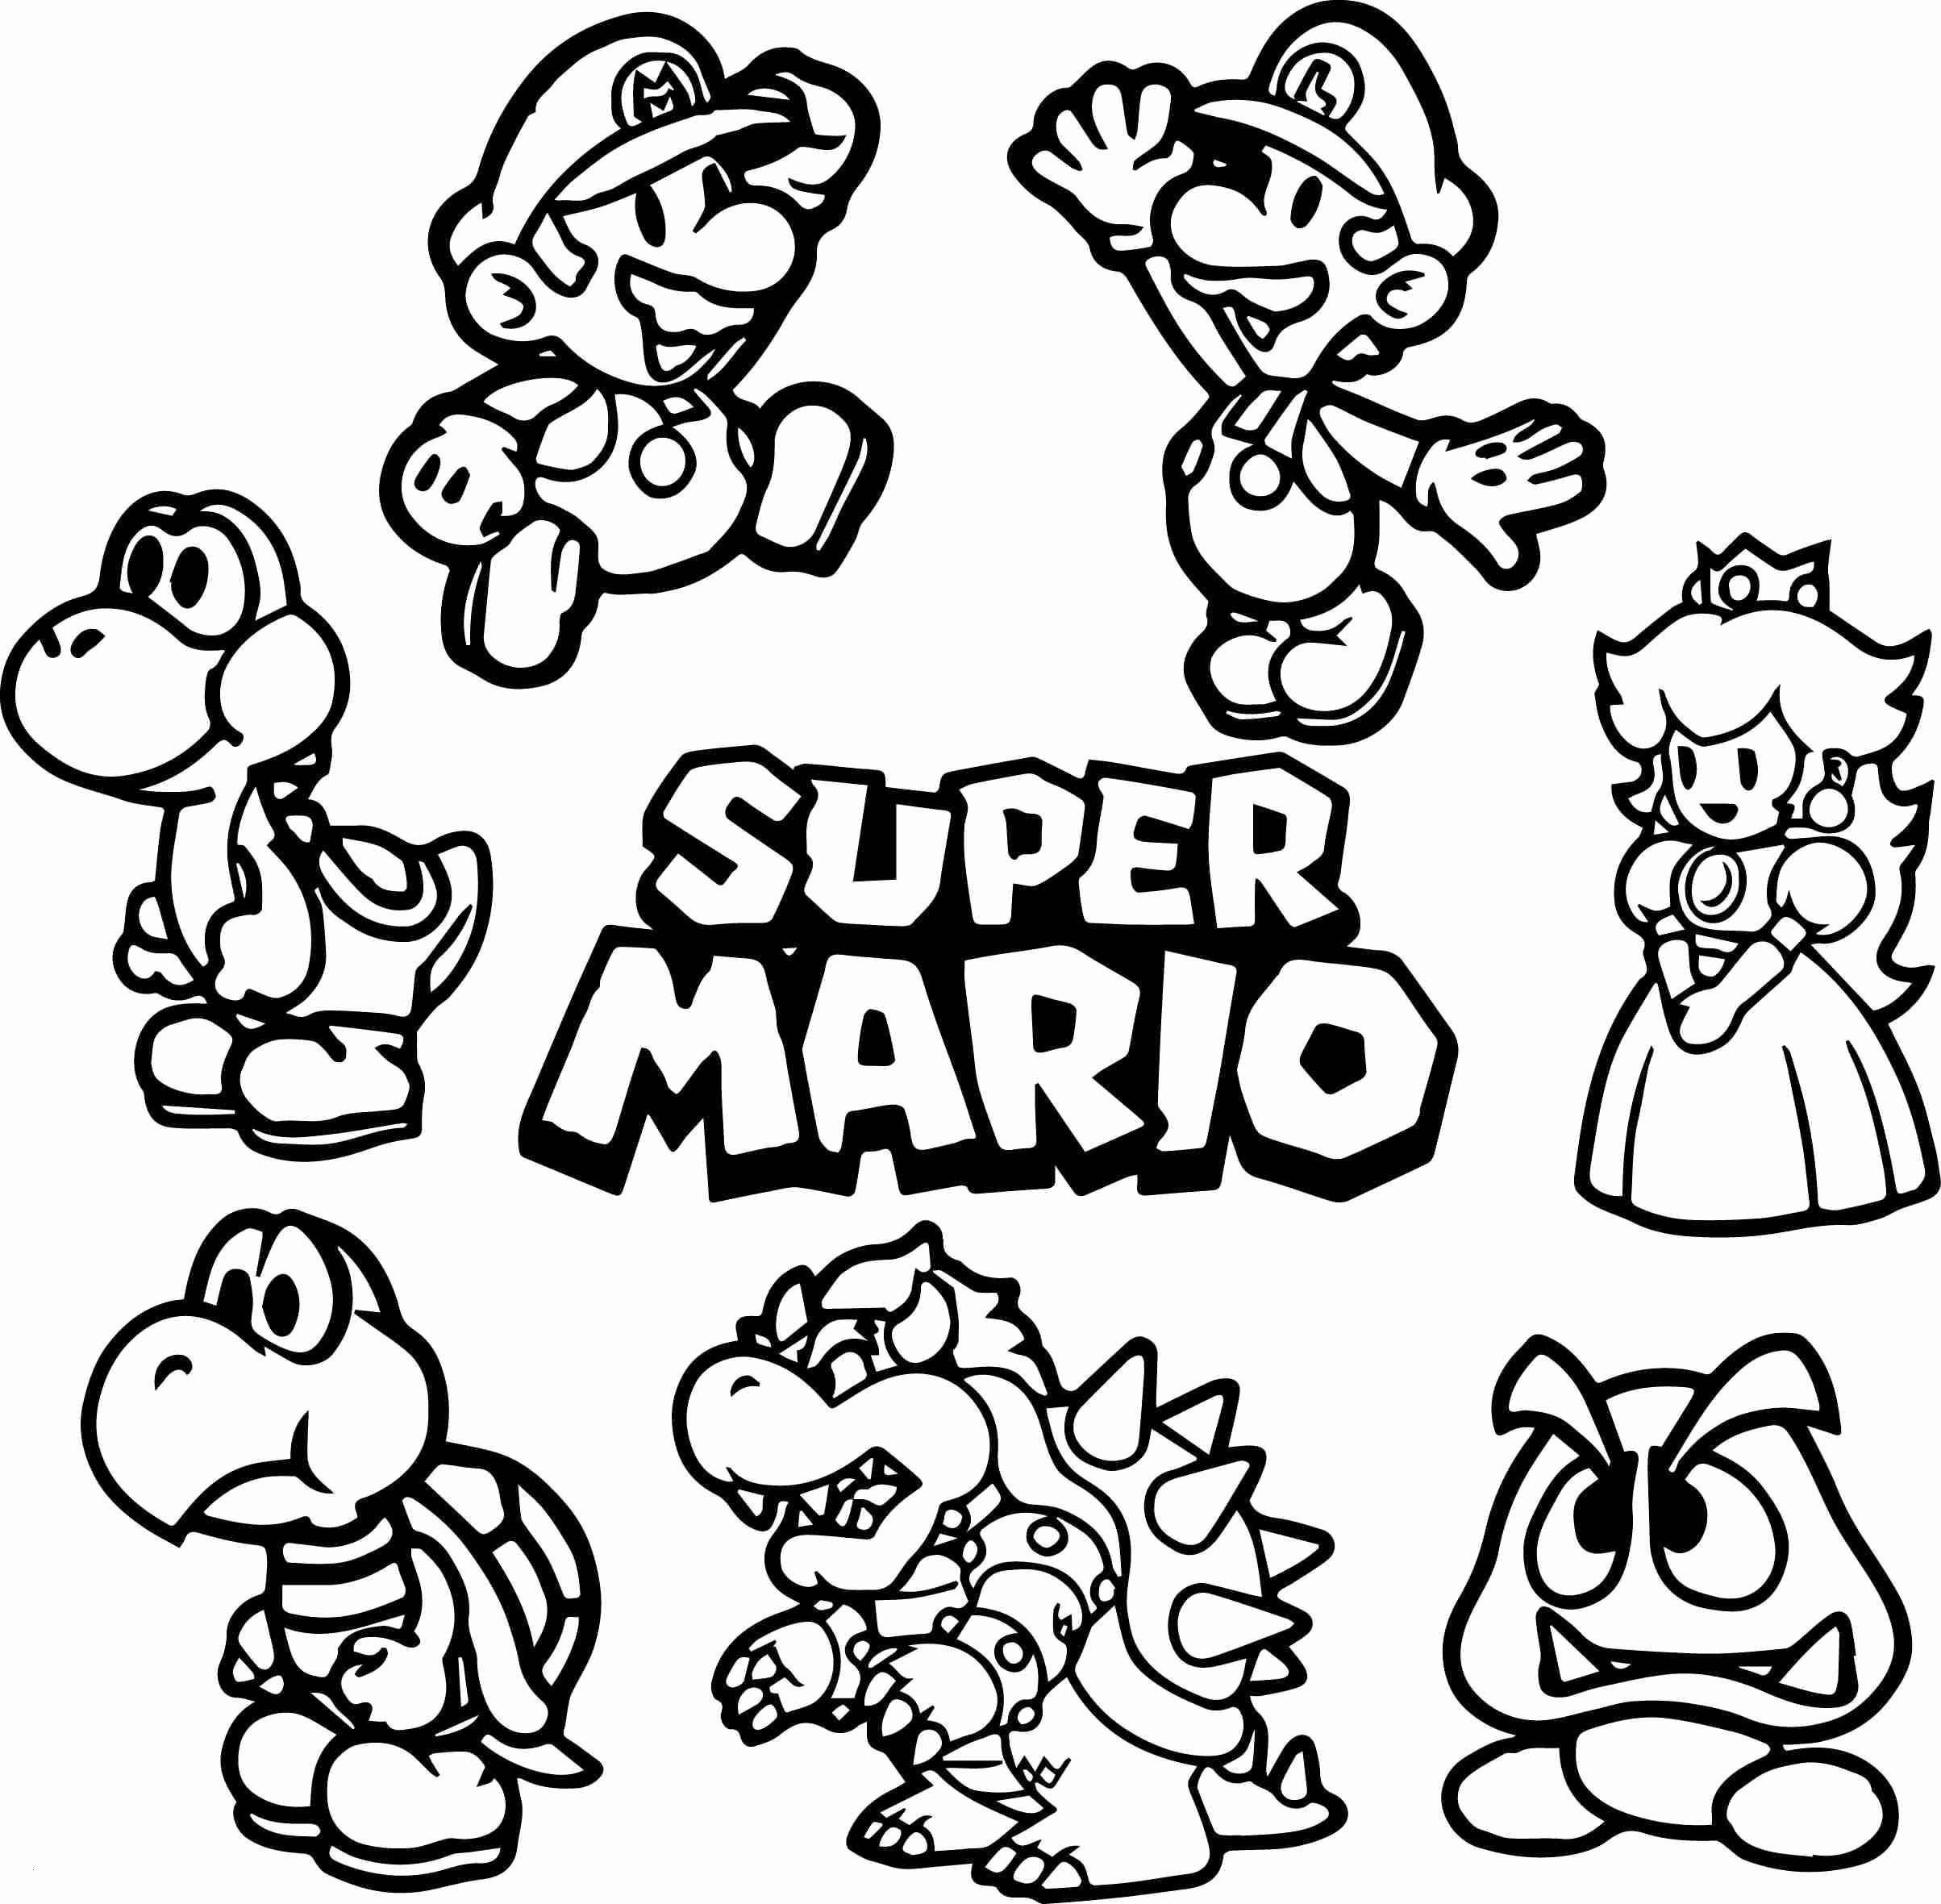 Donkey Kong Ausmalbilder Frisch 37 Super Mario Kart Ausmalbilder Scoredatscore Schön Baby Mario Sammlung